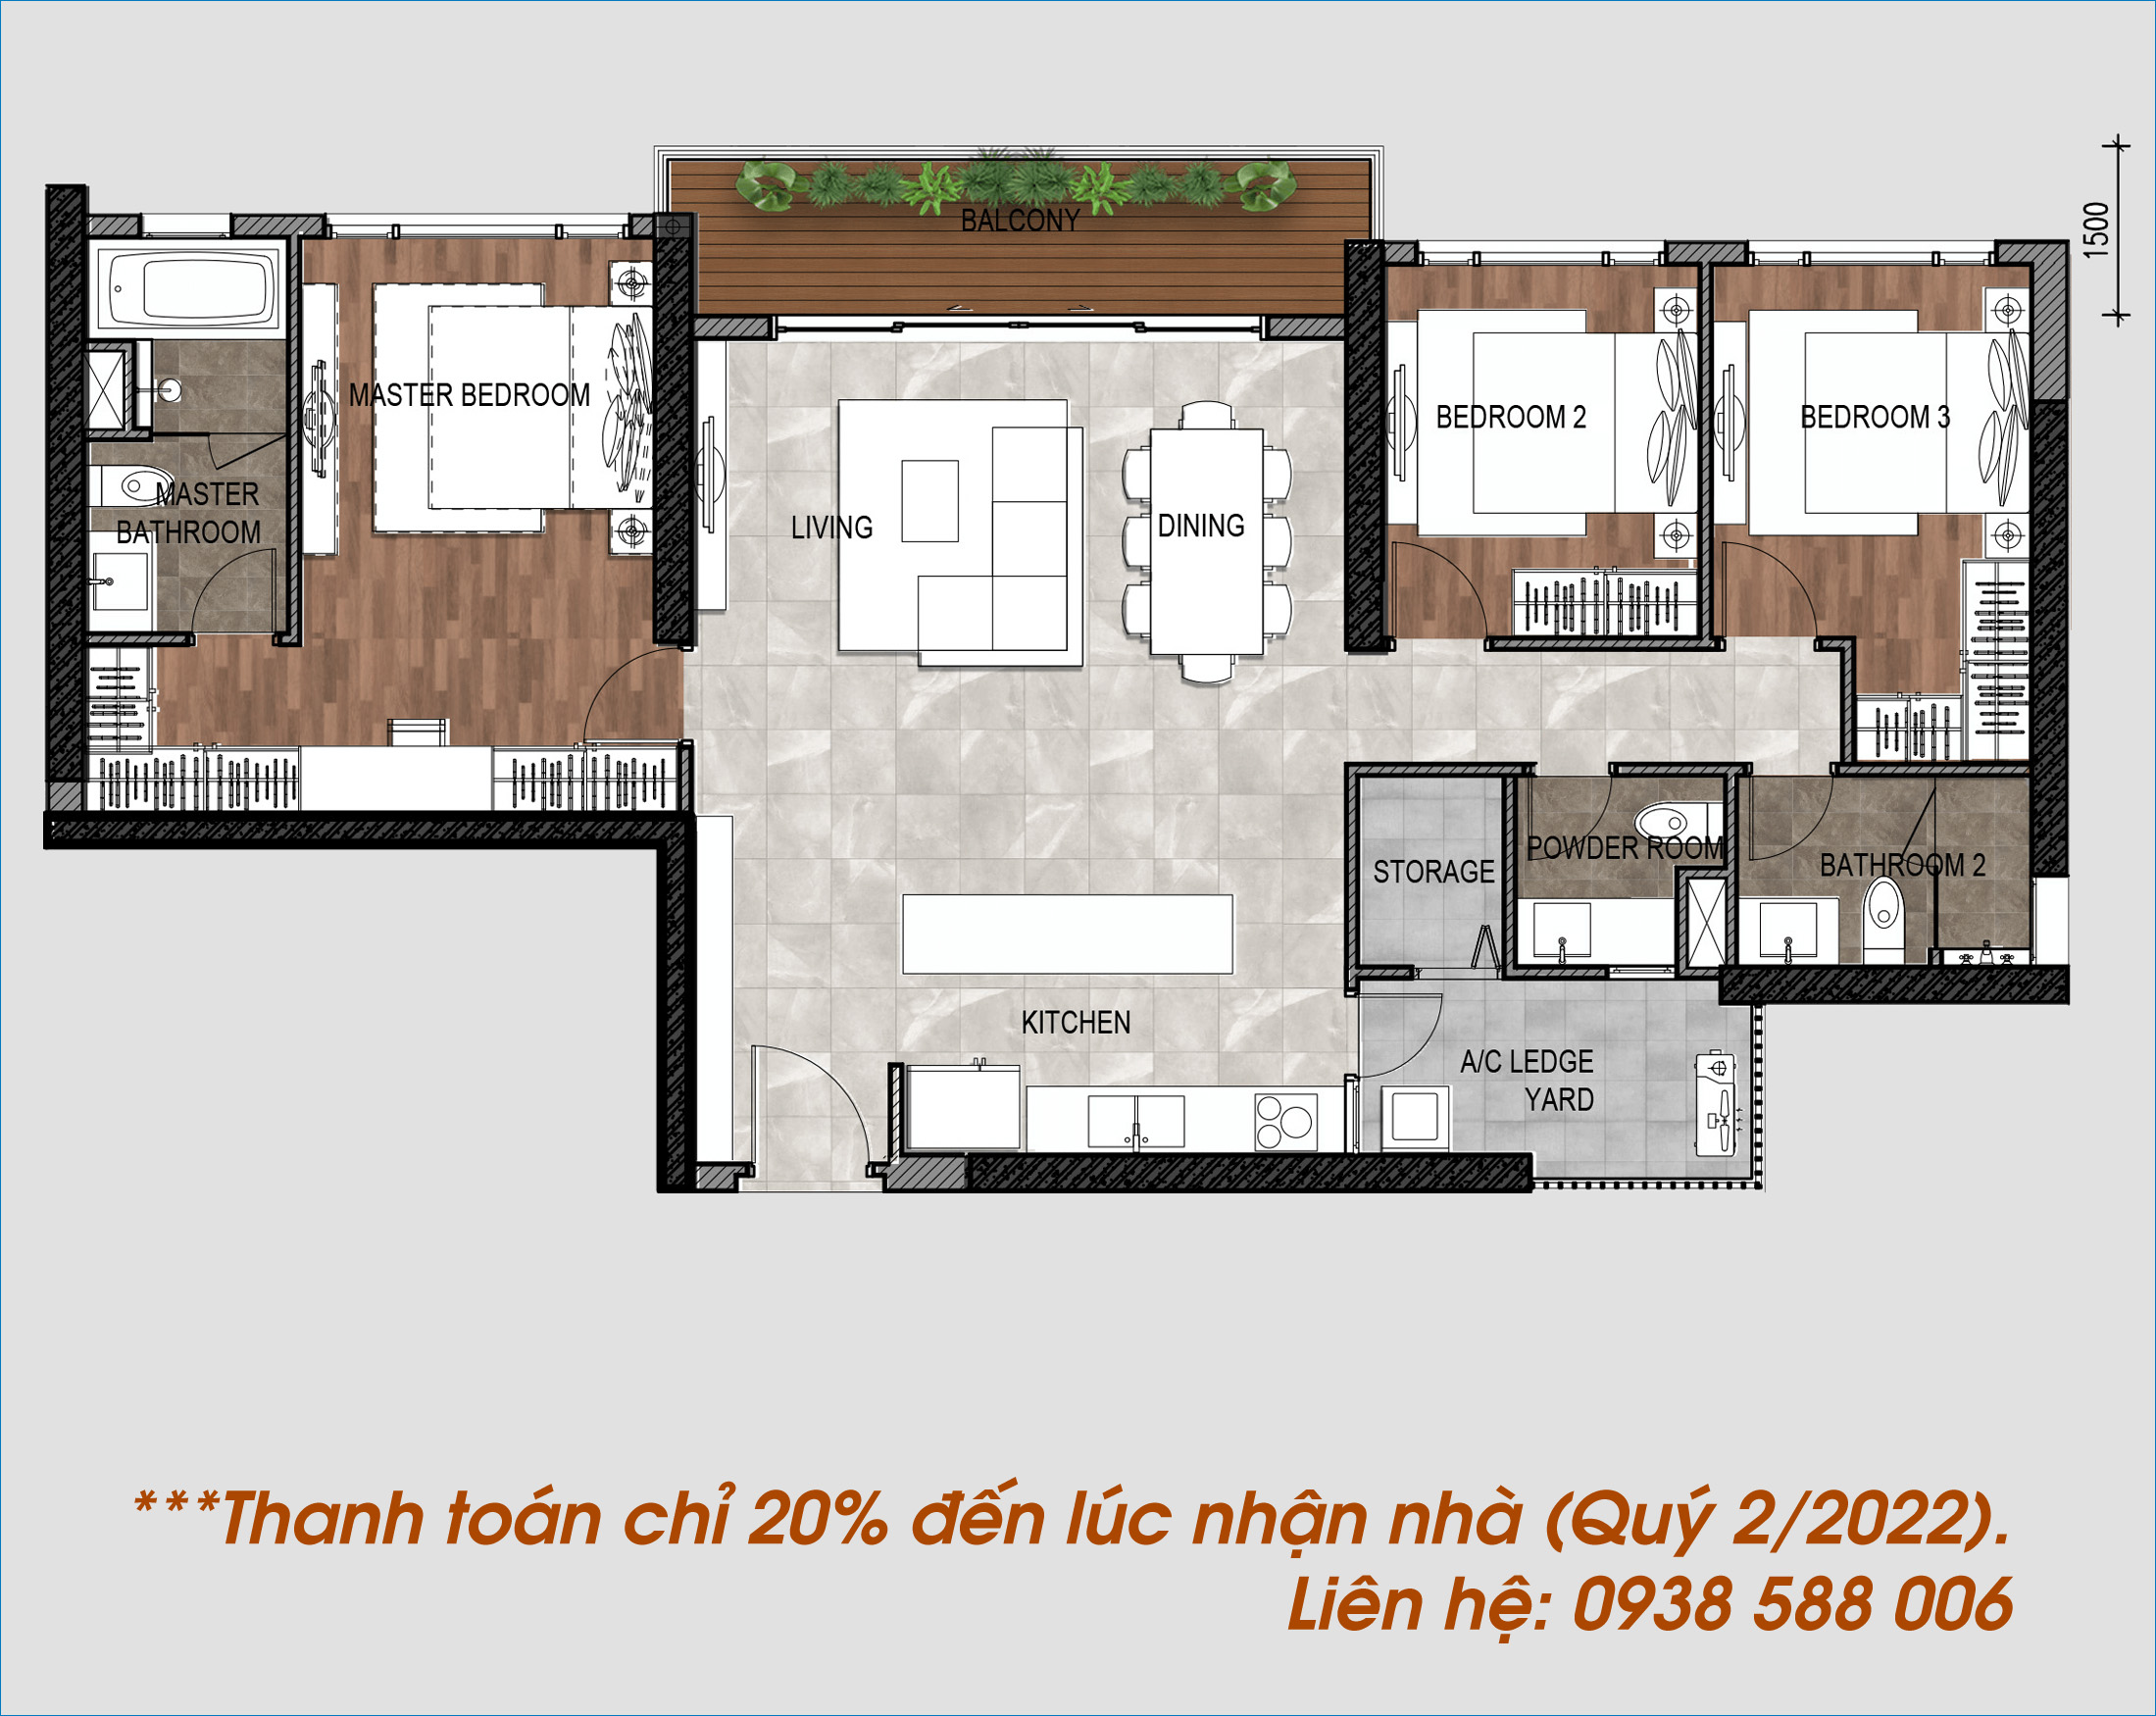 Thiết kế căn hộ 3 phòng ngủ The Infiniti quận 7.